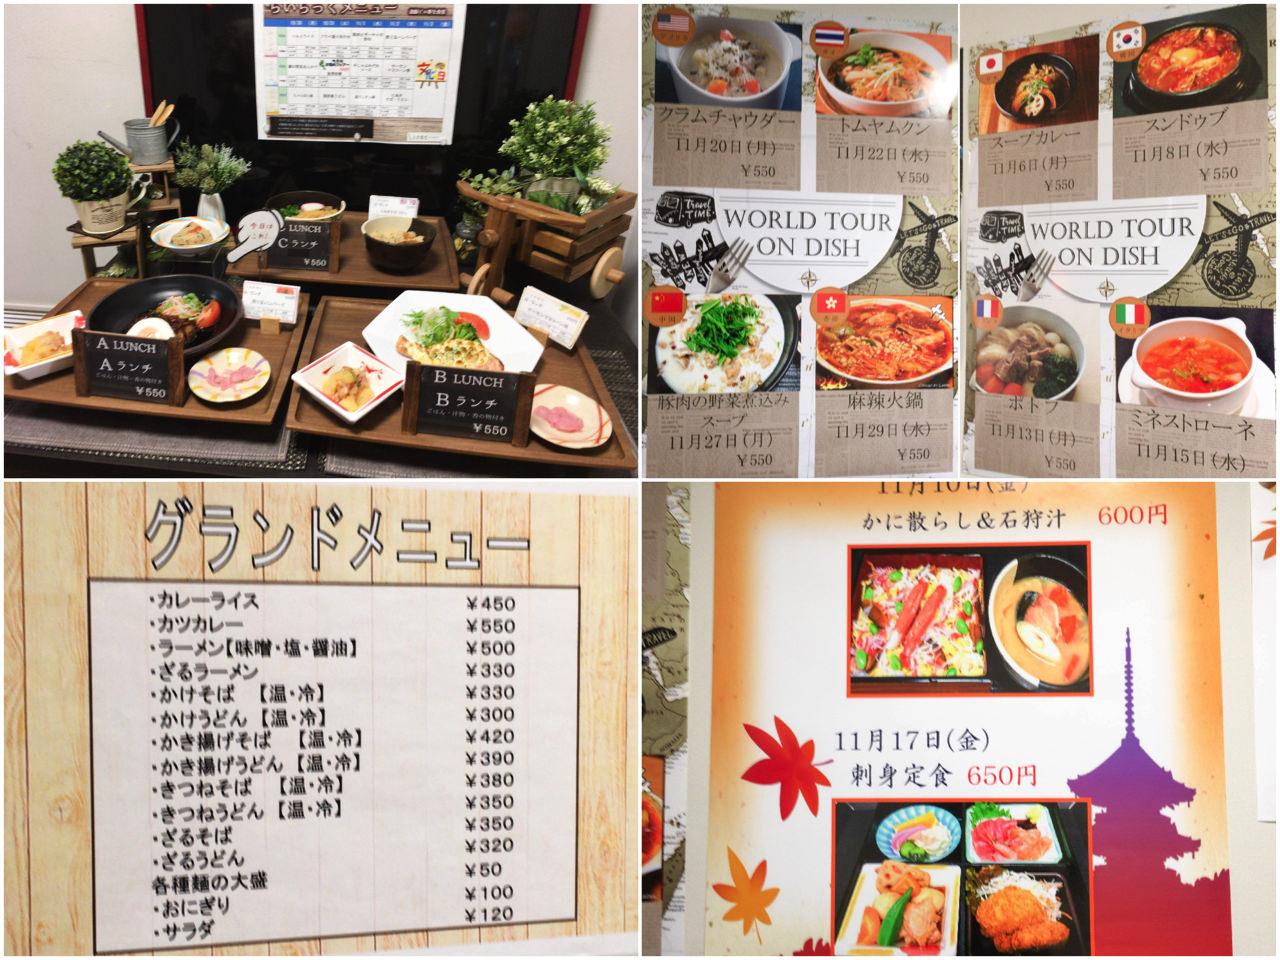 北海道銀行社員食堂